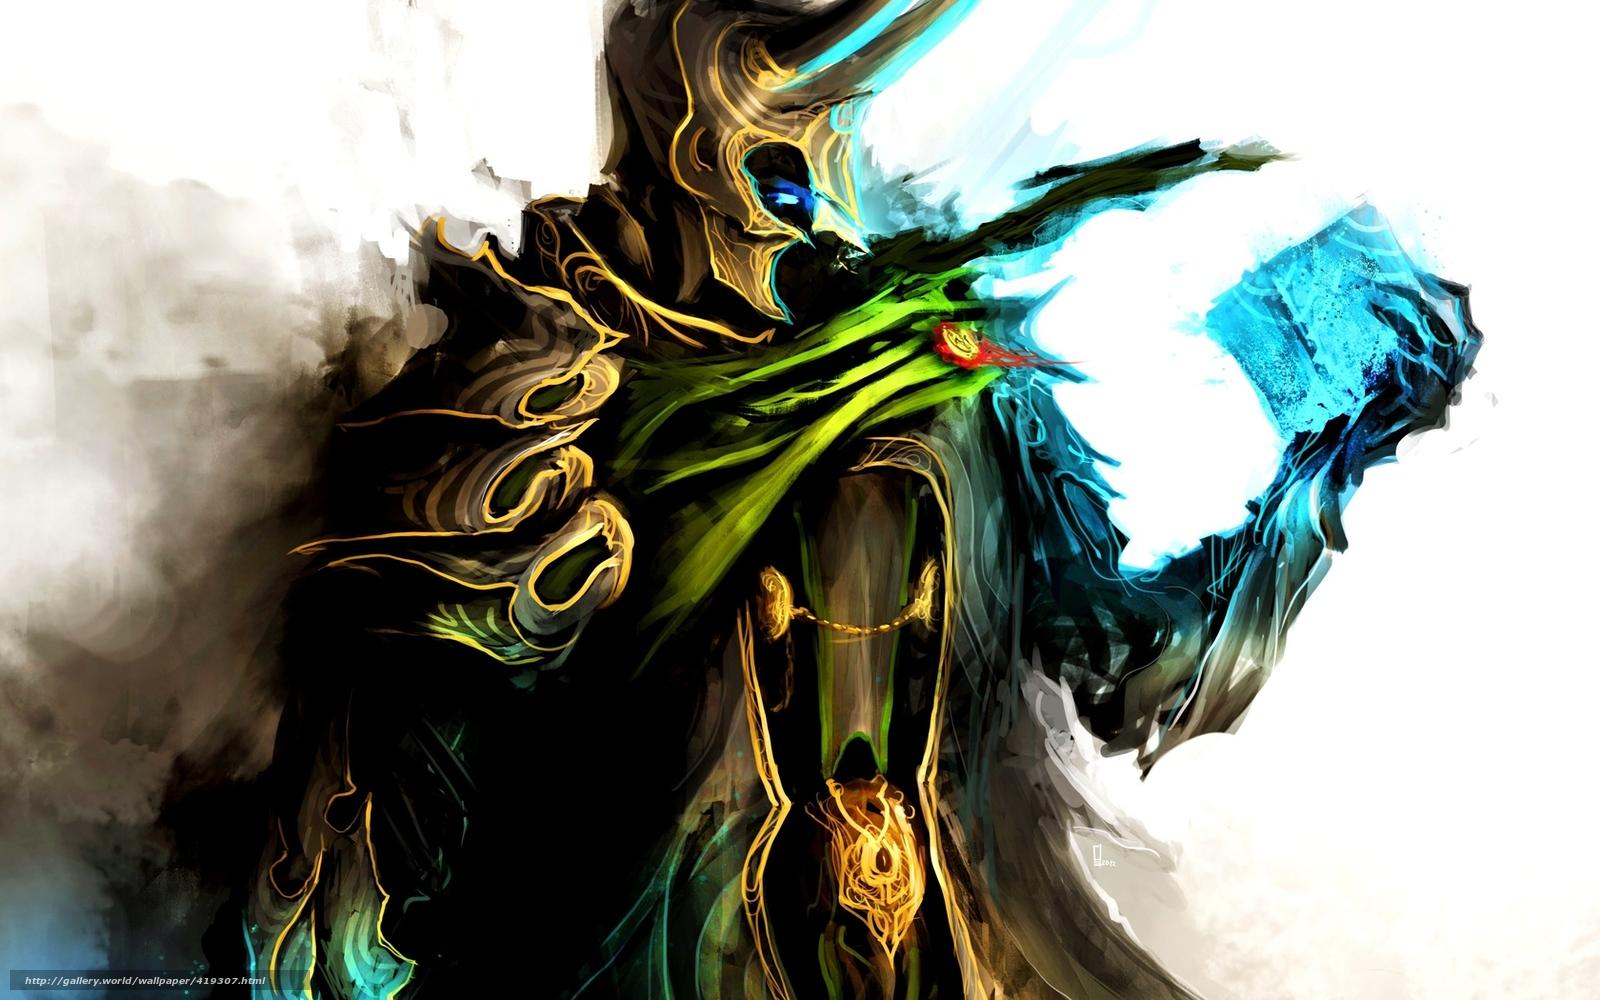 wallpaper Marvel The Avengers Loki medieval desktop wallpaper 1600x1000